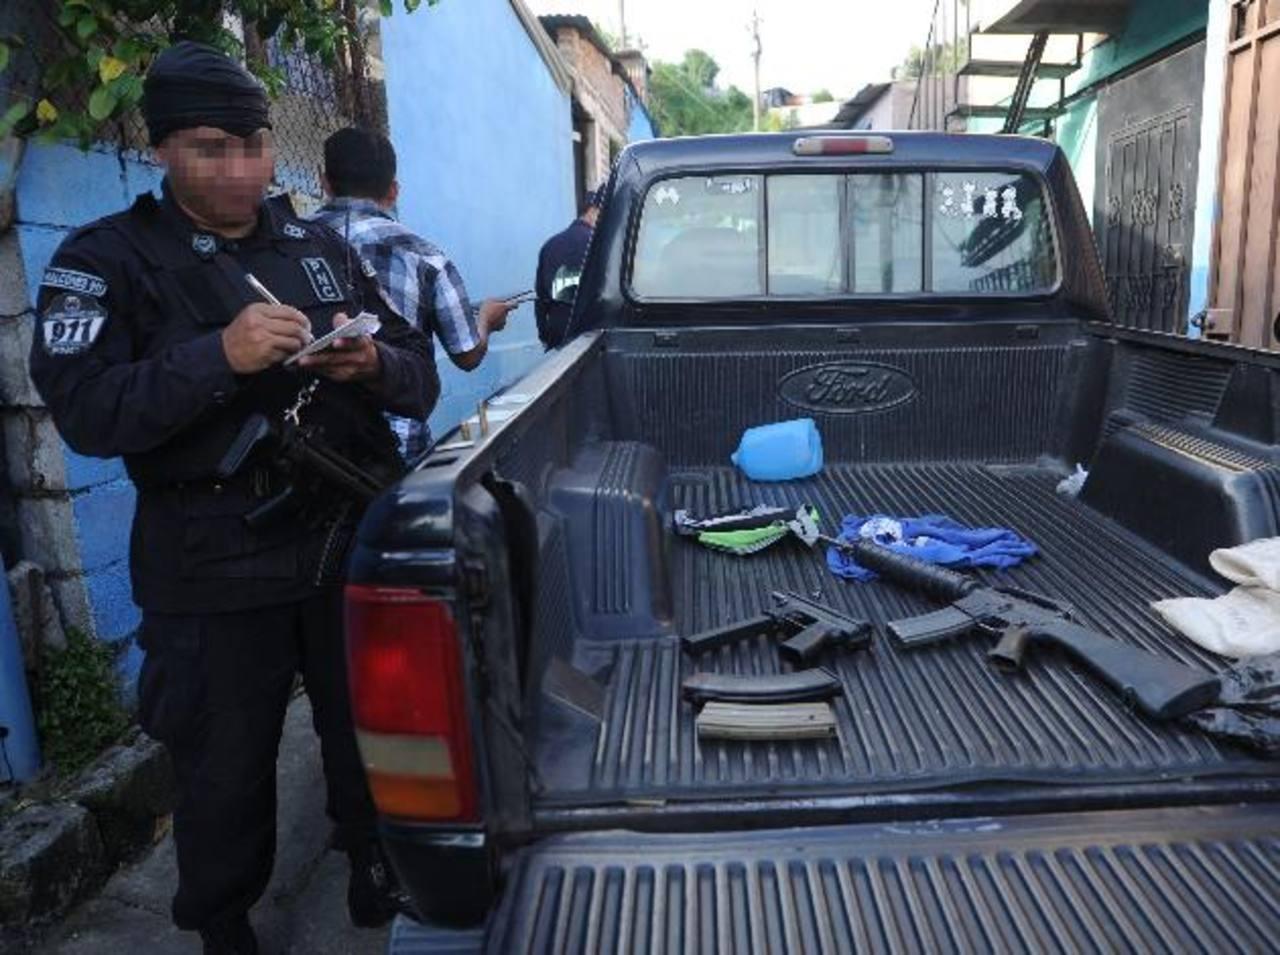 Un policía custodia un fusil y una subametralladora incautadas a pandilleros. Foto EDH / M. Hernández